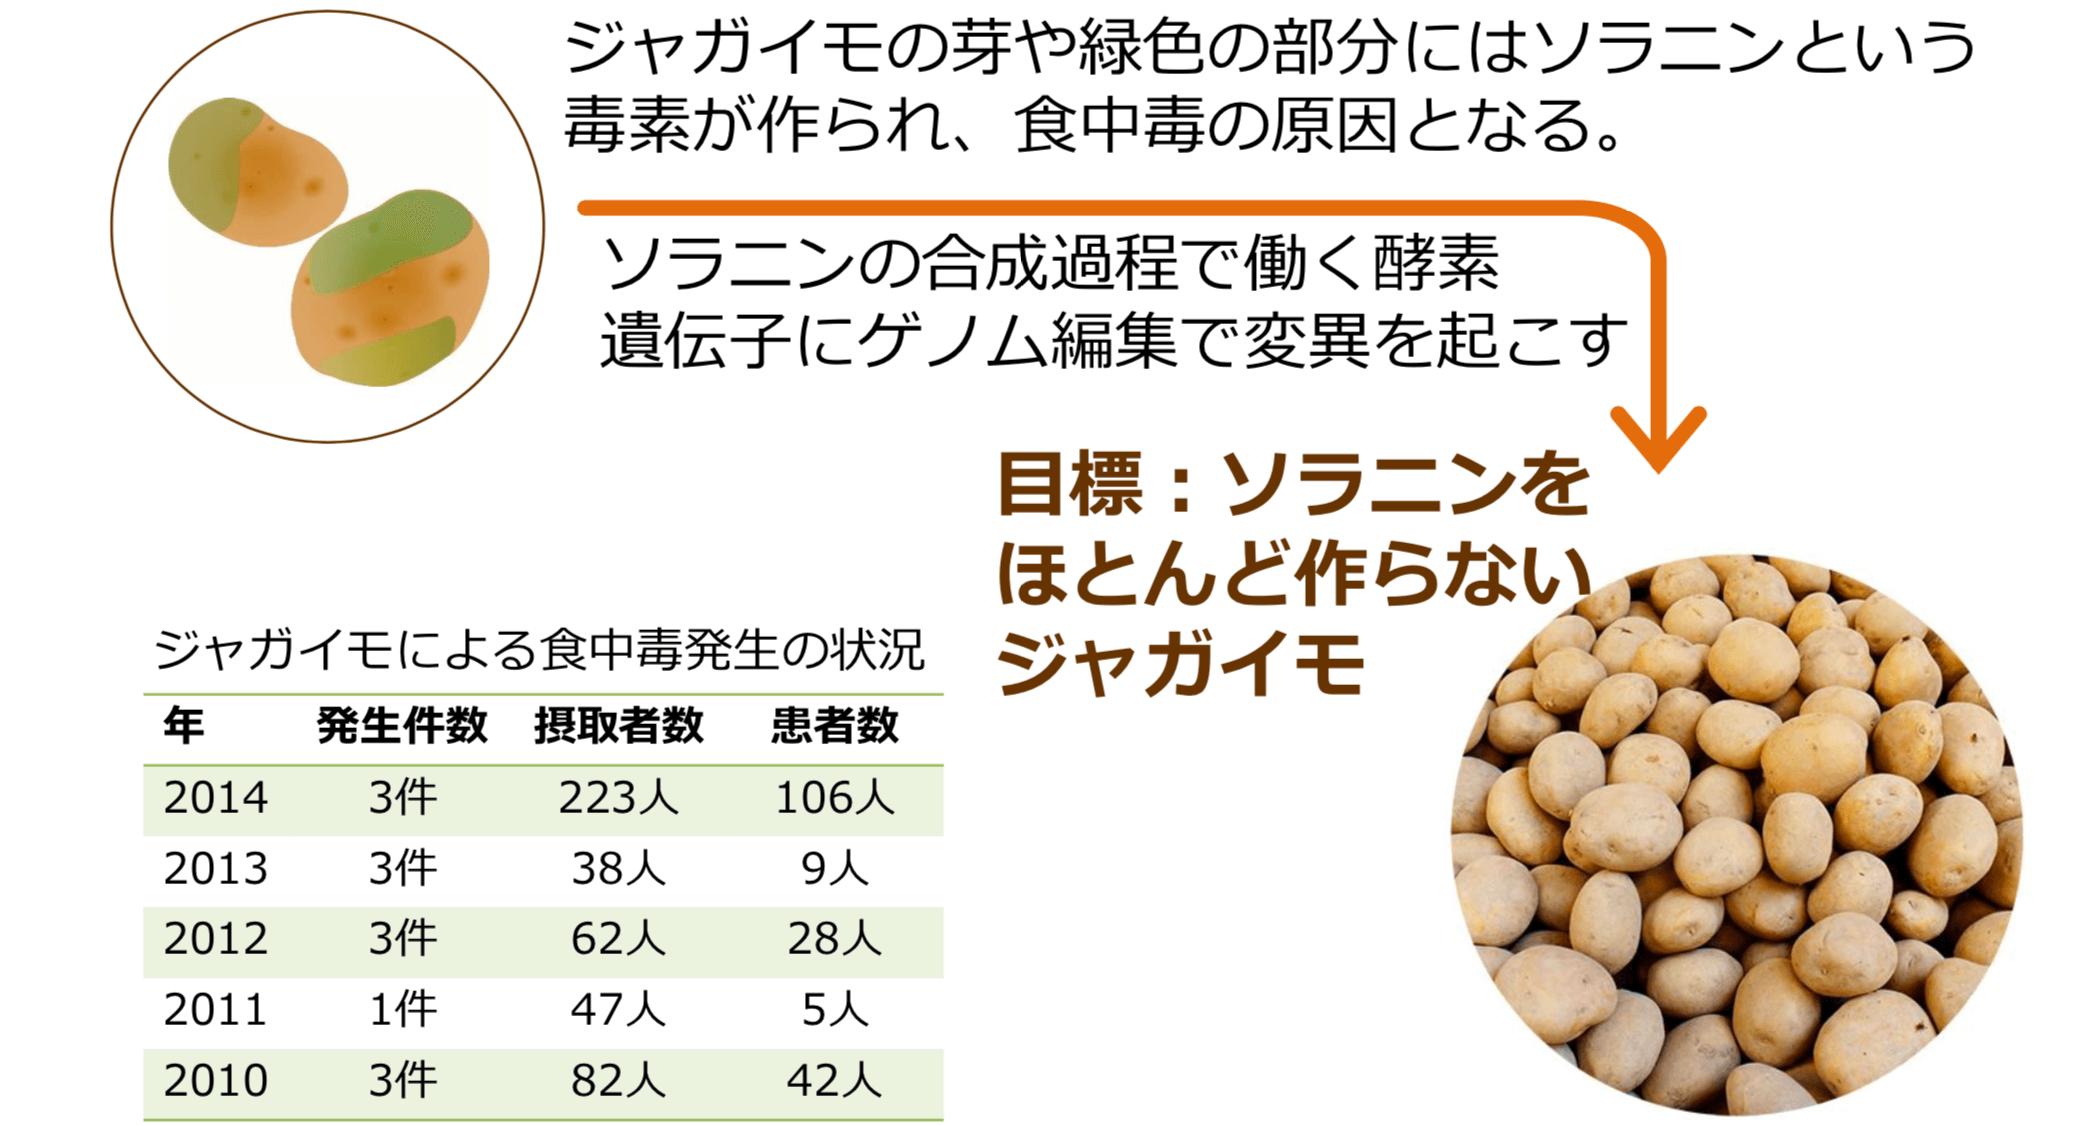 食中毒リスク低減ジャガイモ(食のリスク低減)